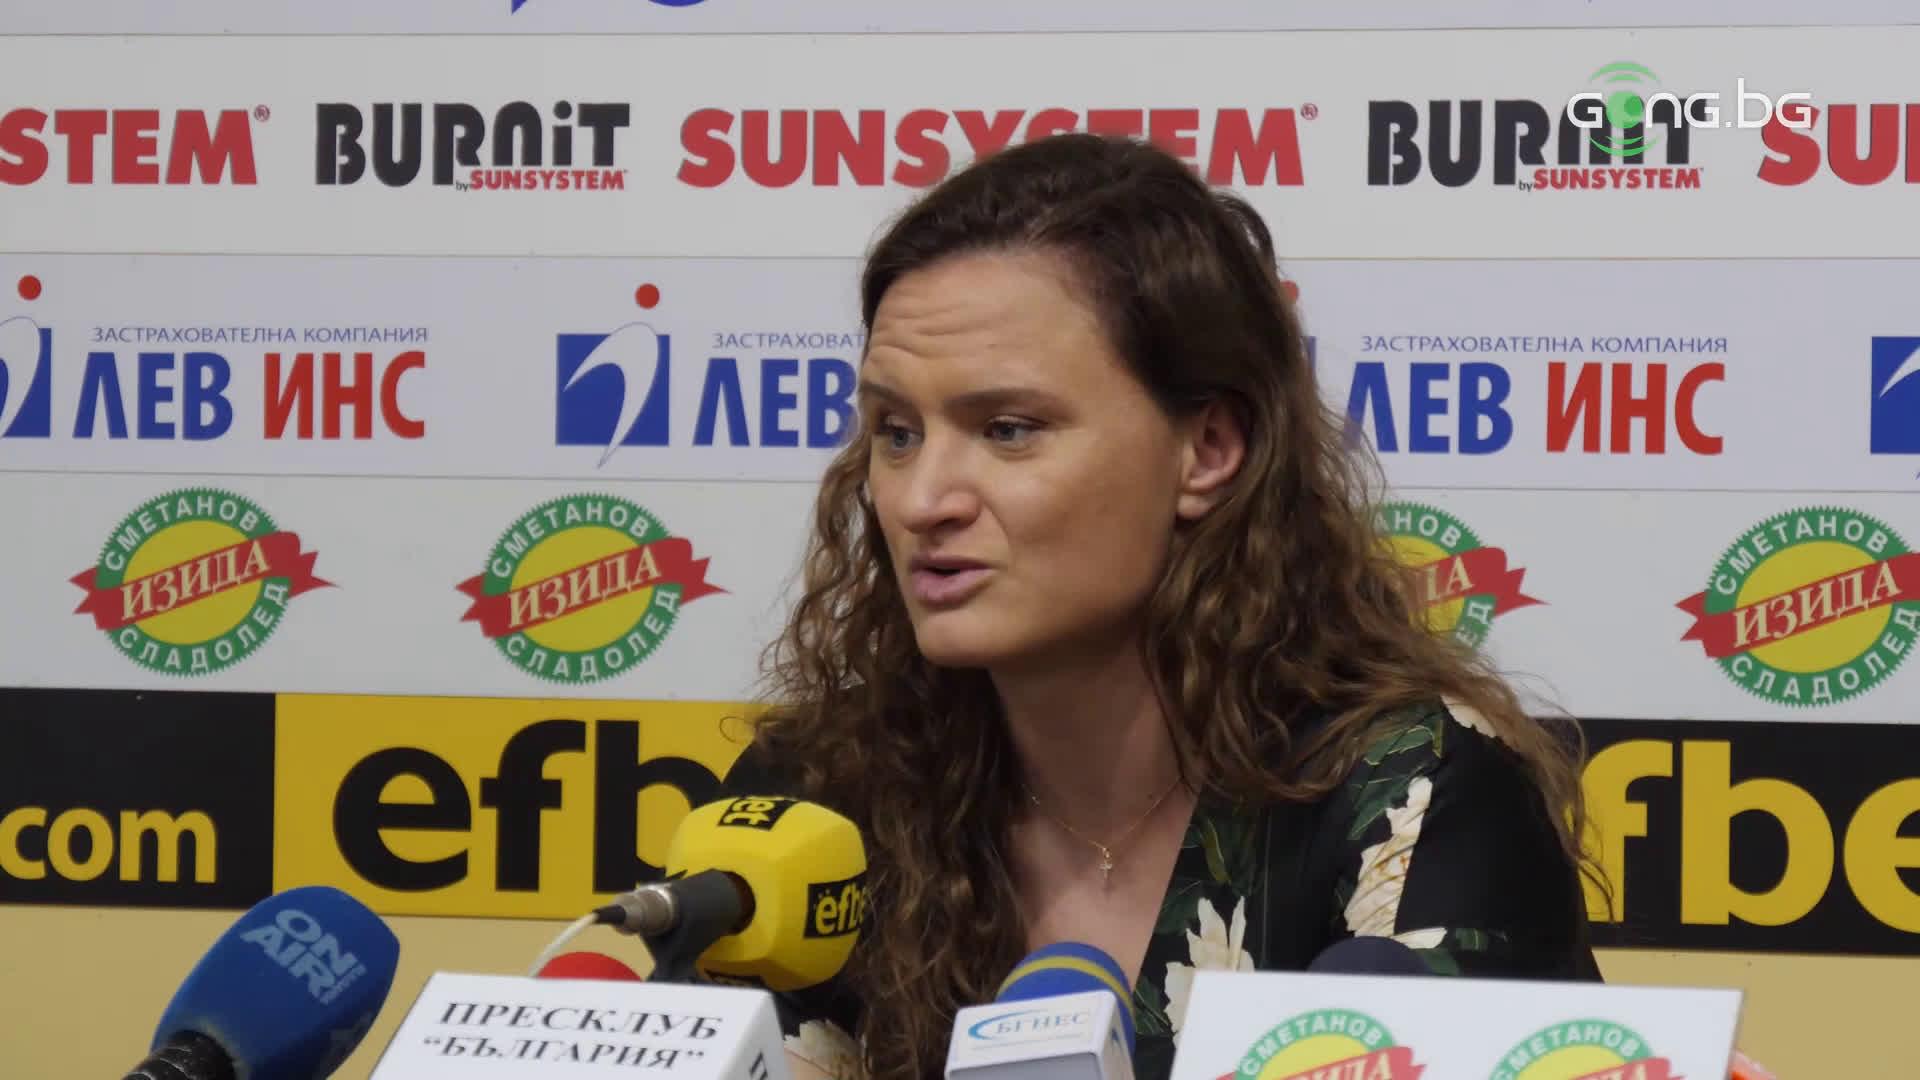 Мария Оряшкова: Мечтая за медал от Олимпийски игри